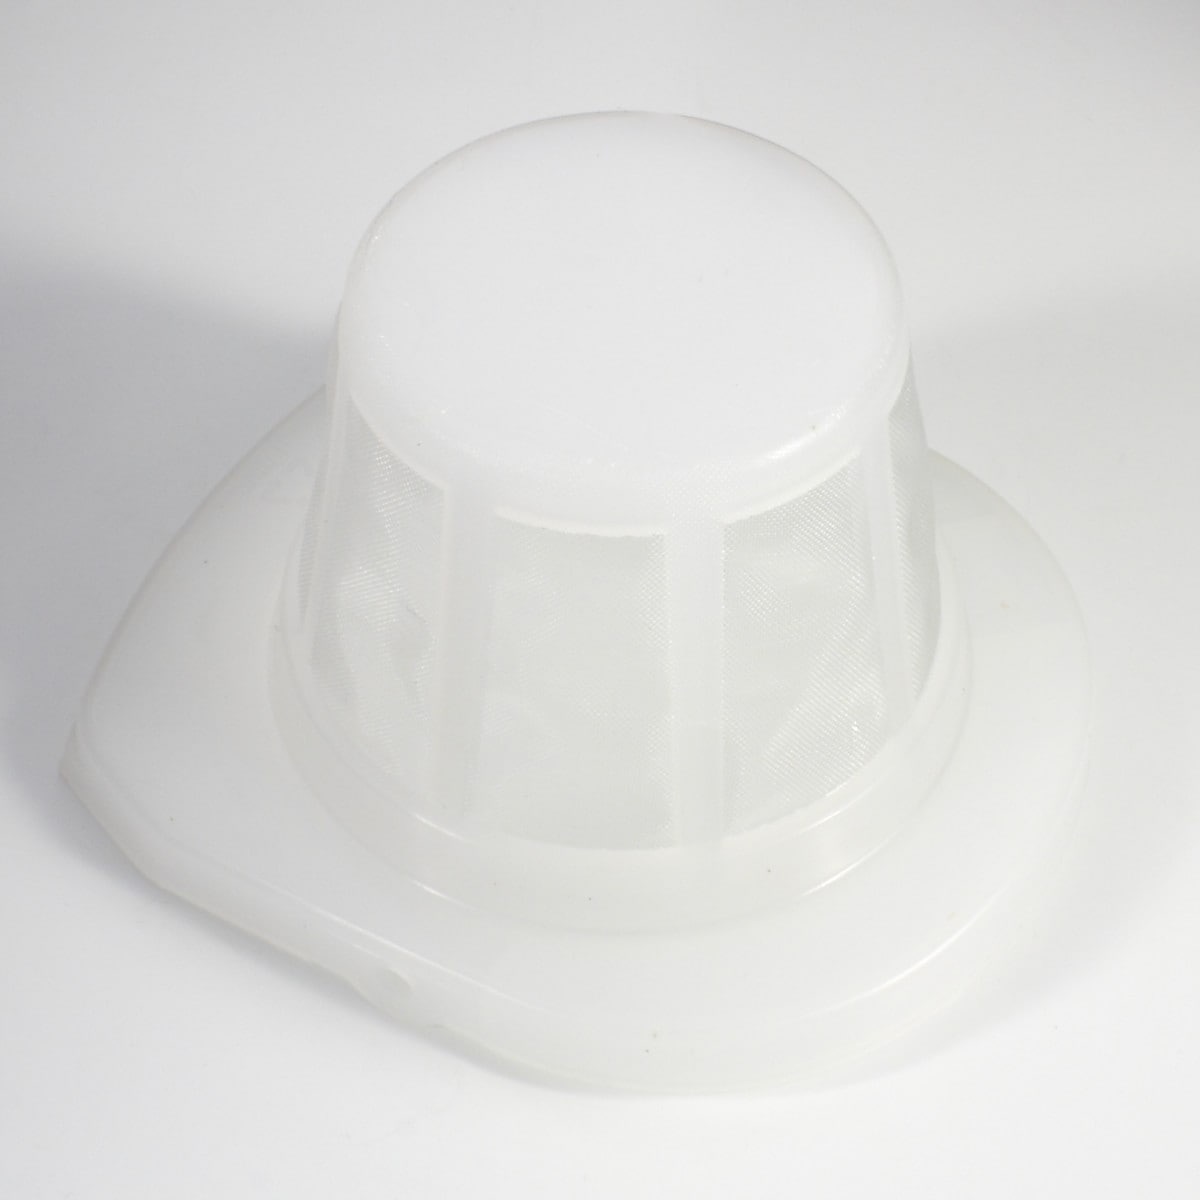 Sil/yttre filter Bosch